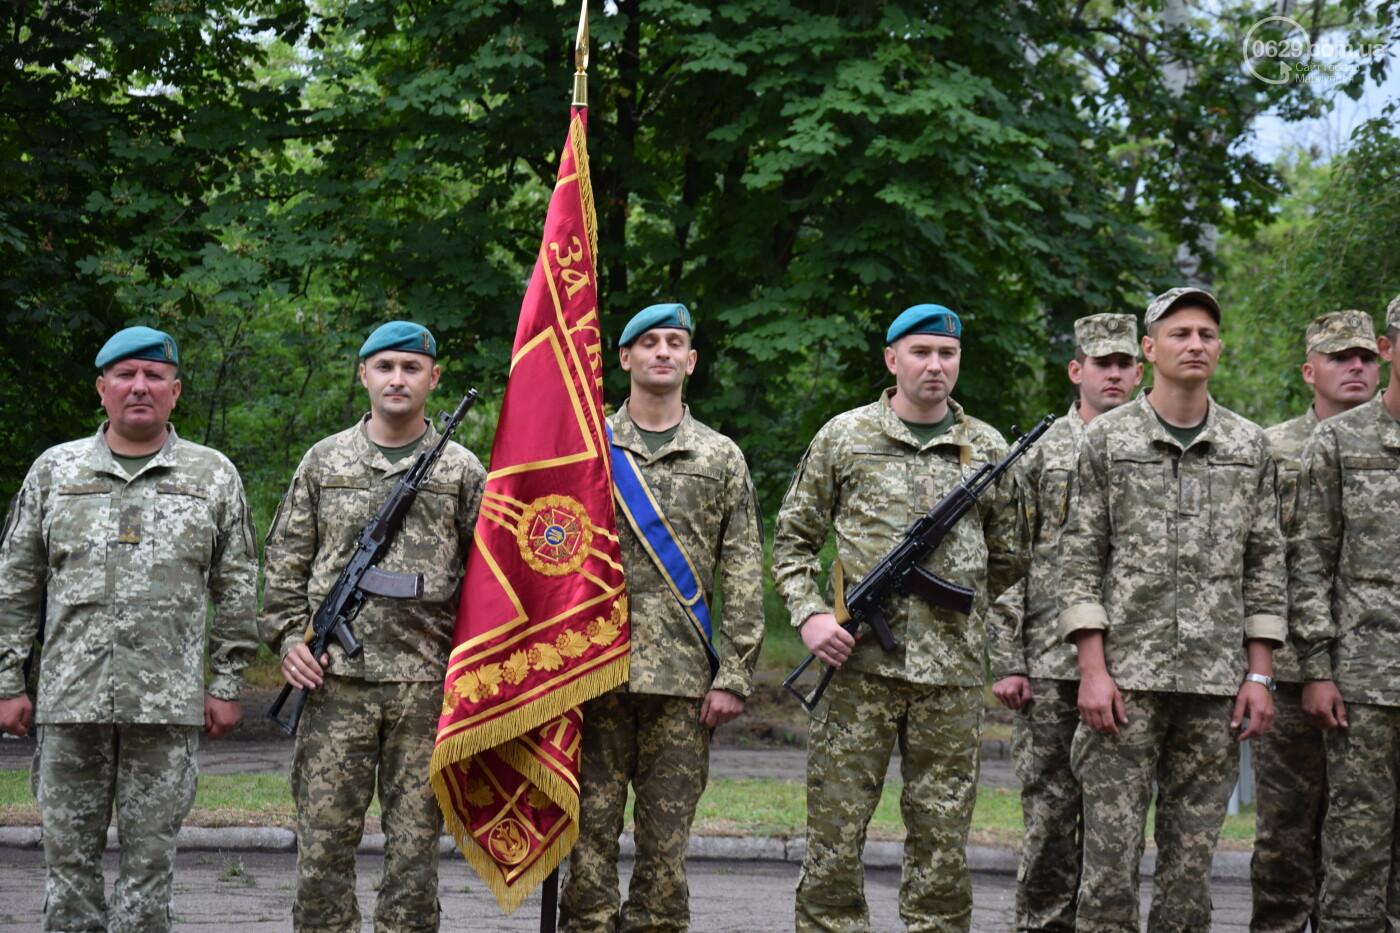 В Мариуполе морпехи присягнули на верность Украине и получили боевое знамя, - ФОТОРЕПОРТАЖ, фото-1